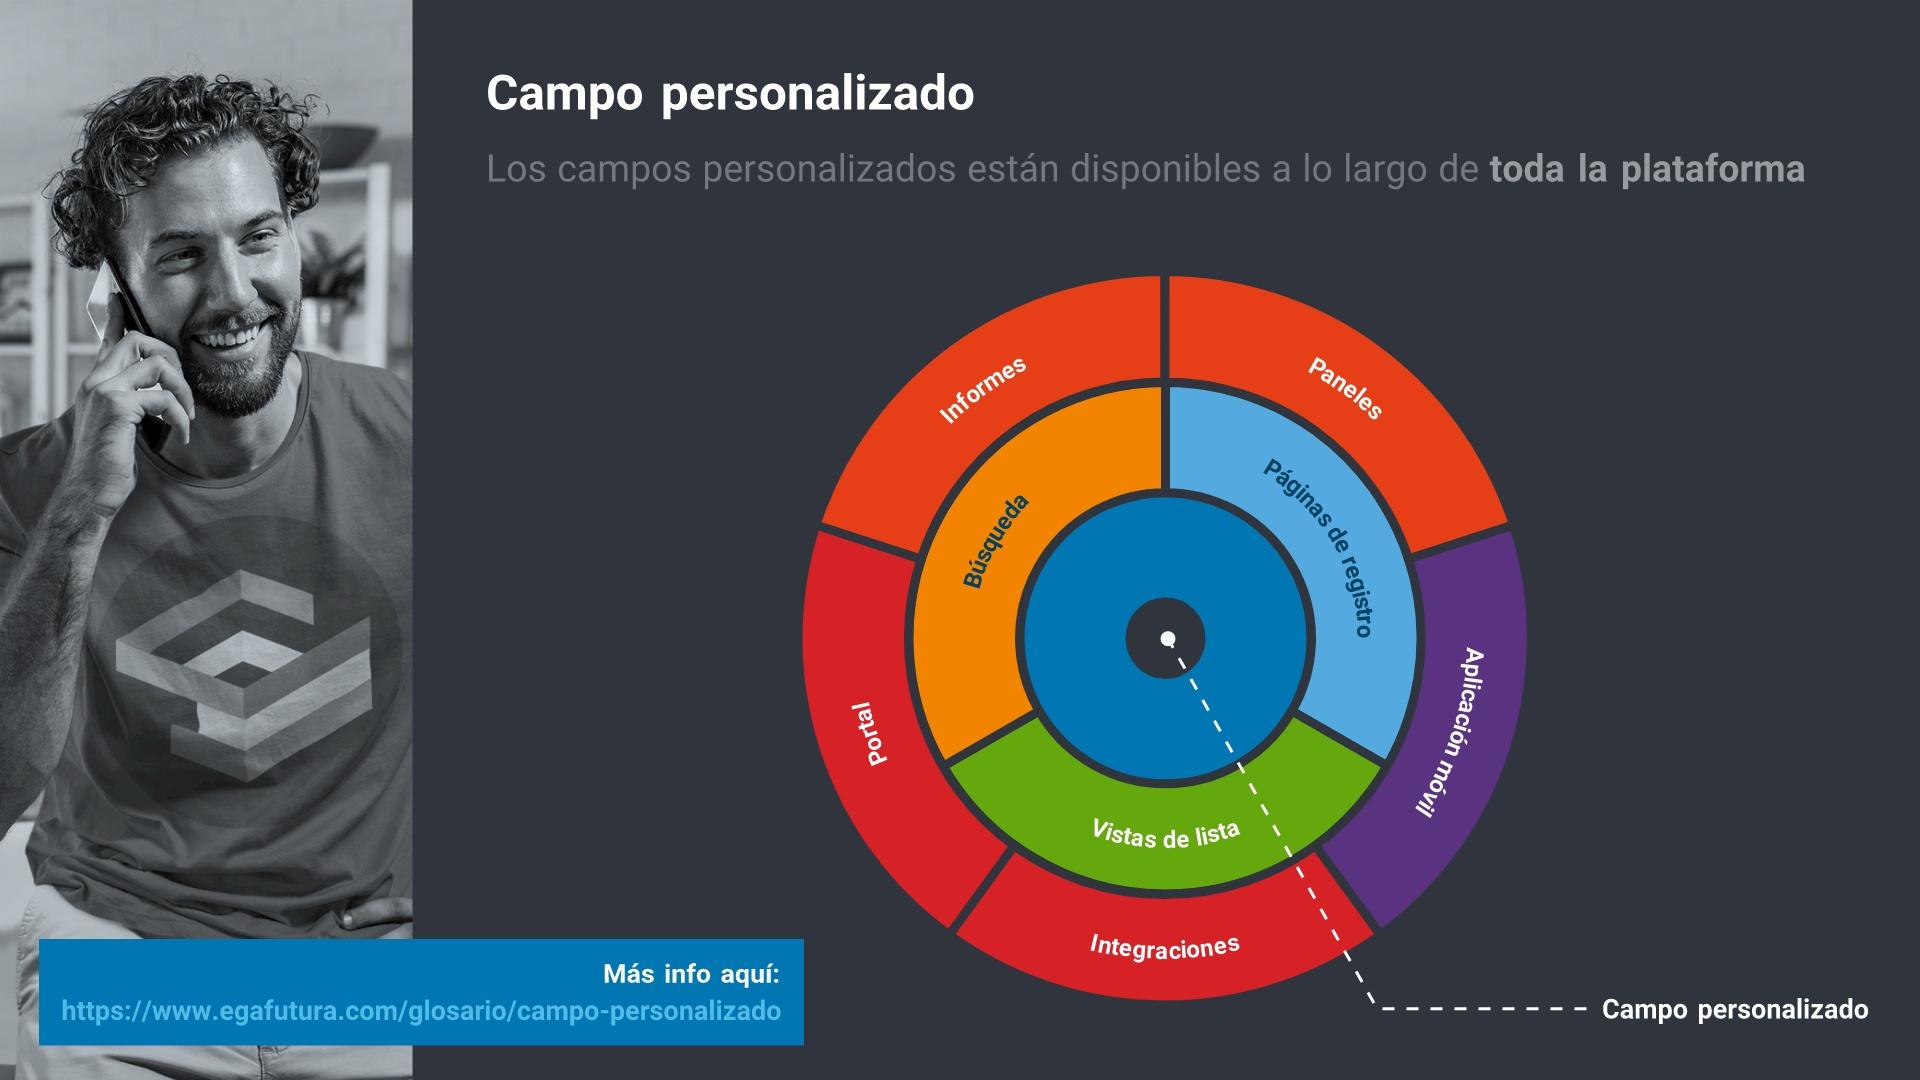 Los campos personalizados están disponibles a lo largo de toda la plataforma